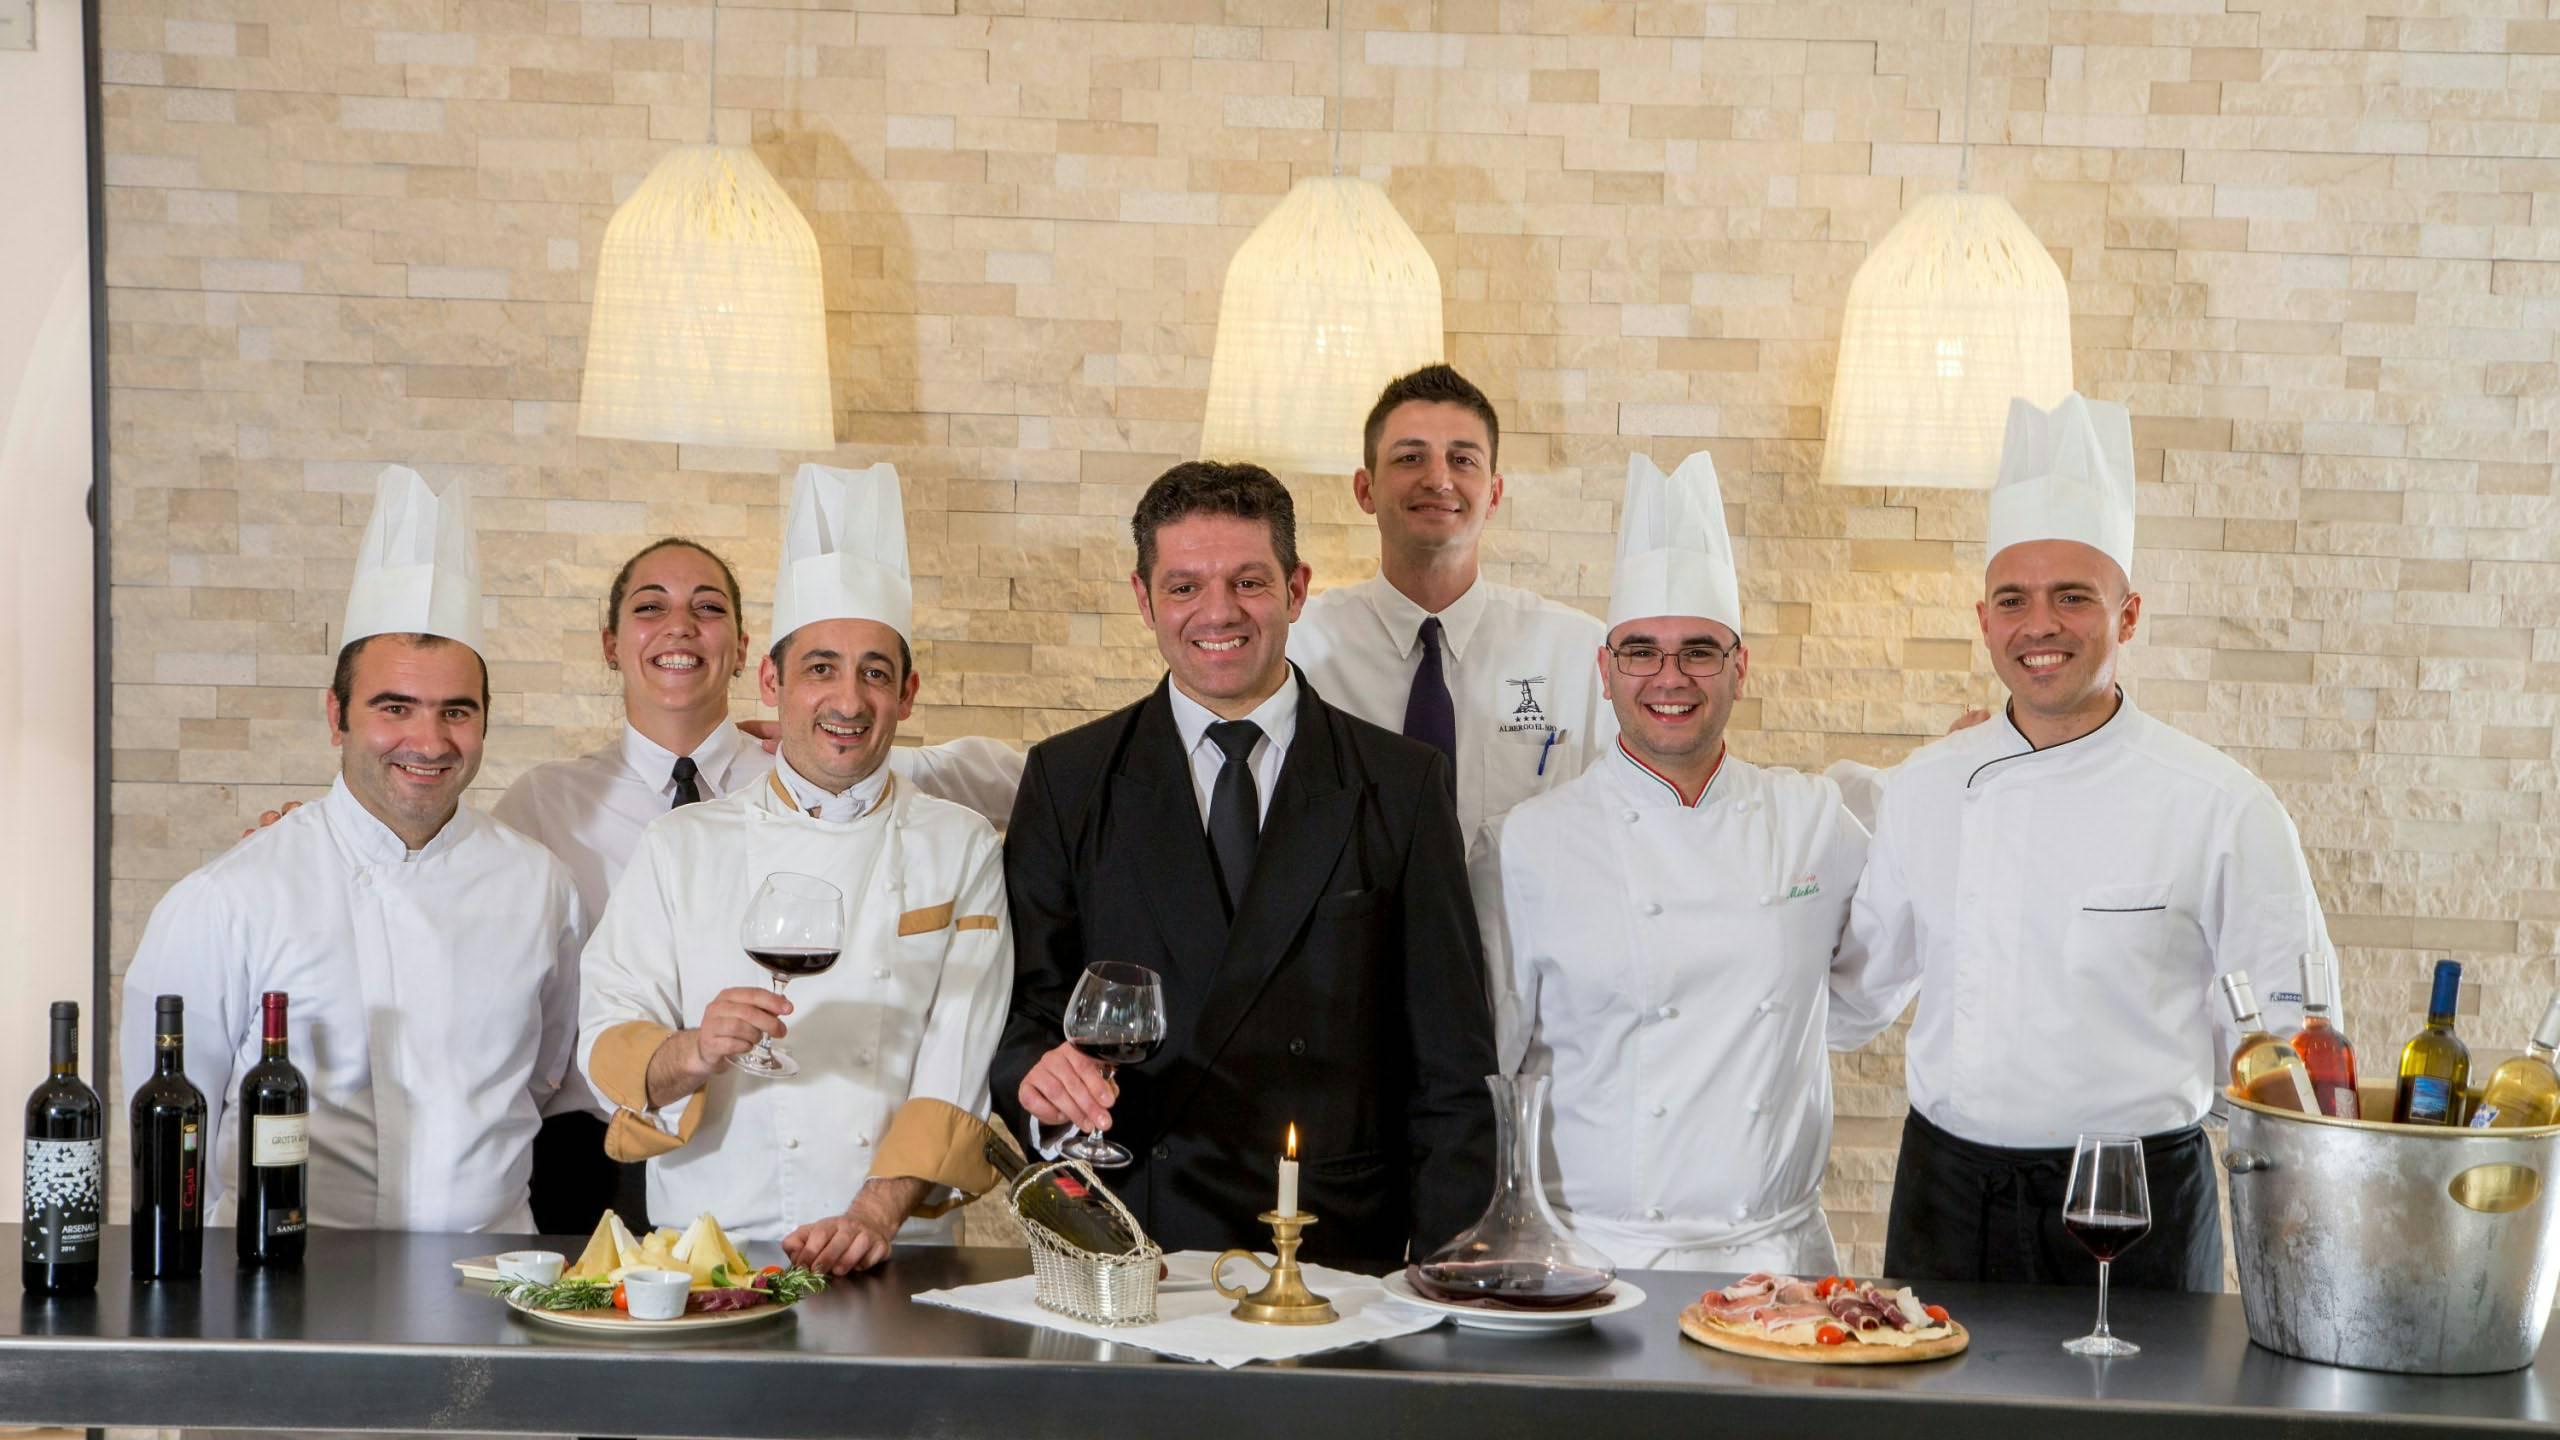 hotel-el-faro-sardegna-alghero-ristorante-9697